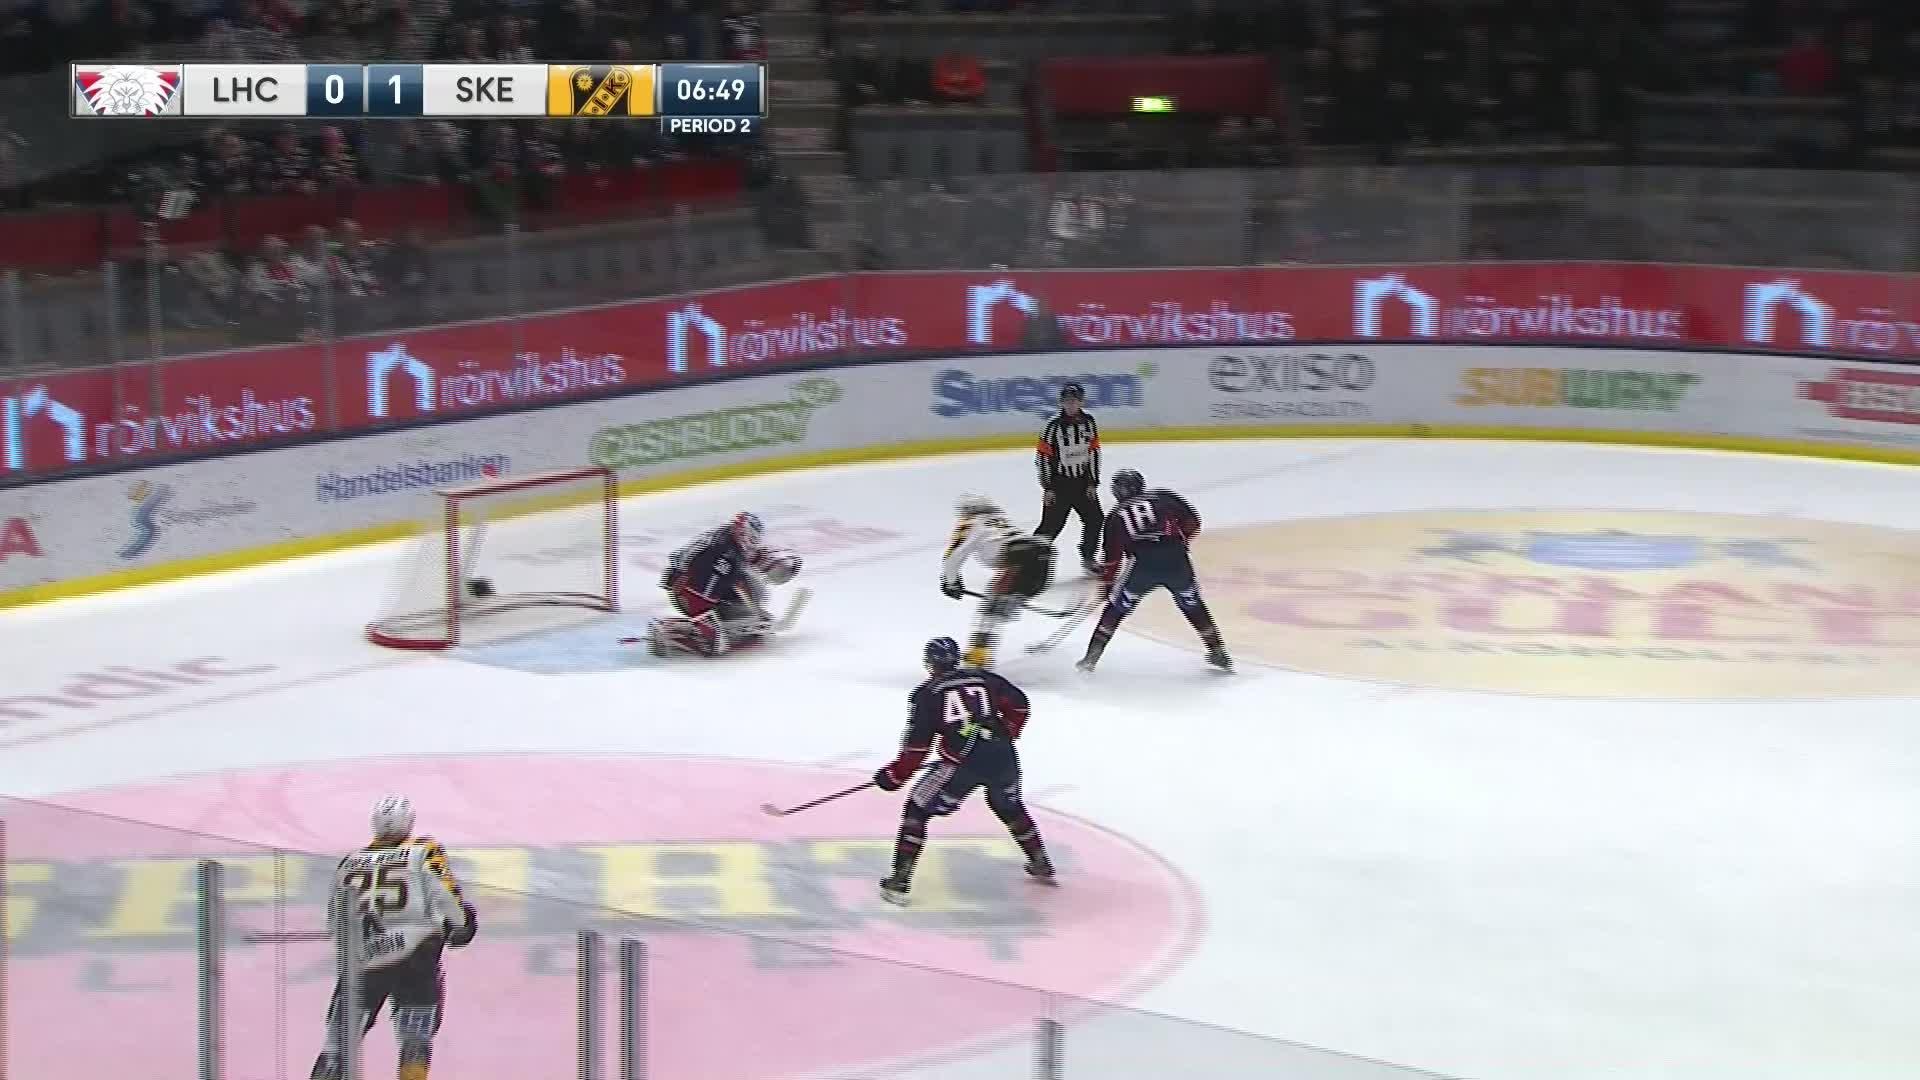 Linköping HC - Skellefteå AIK 0-2